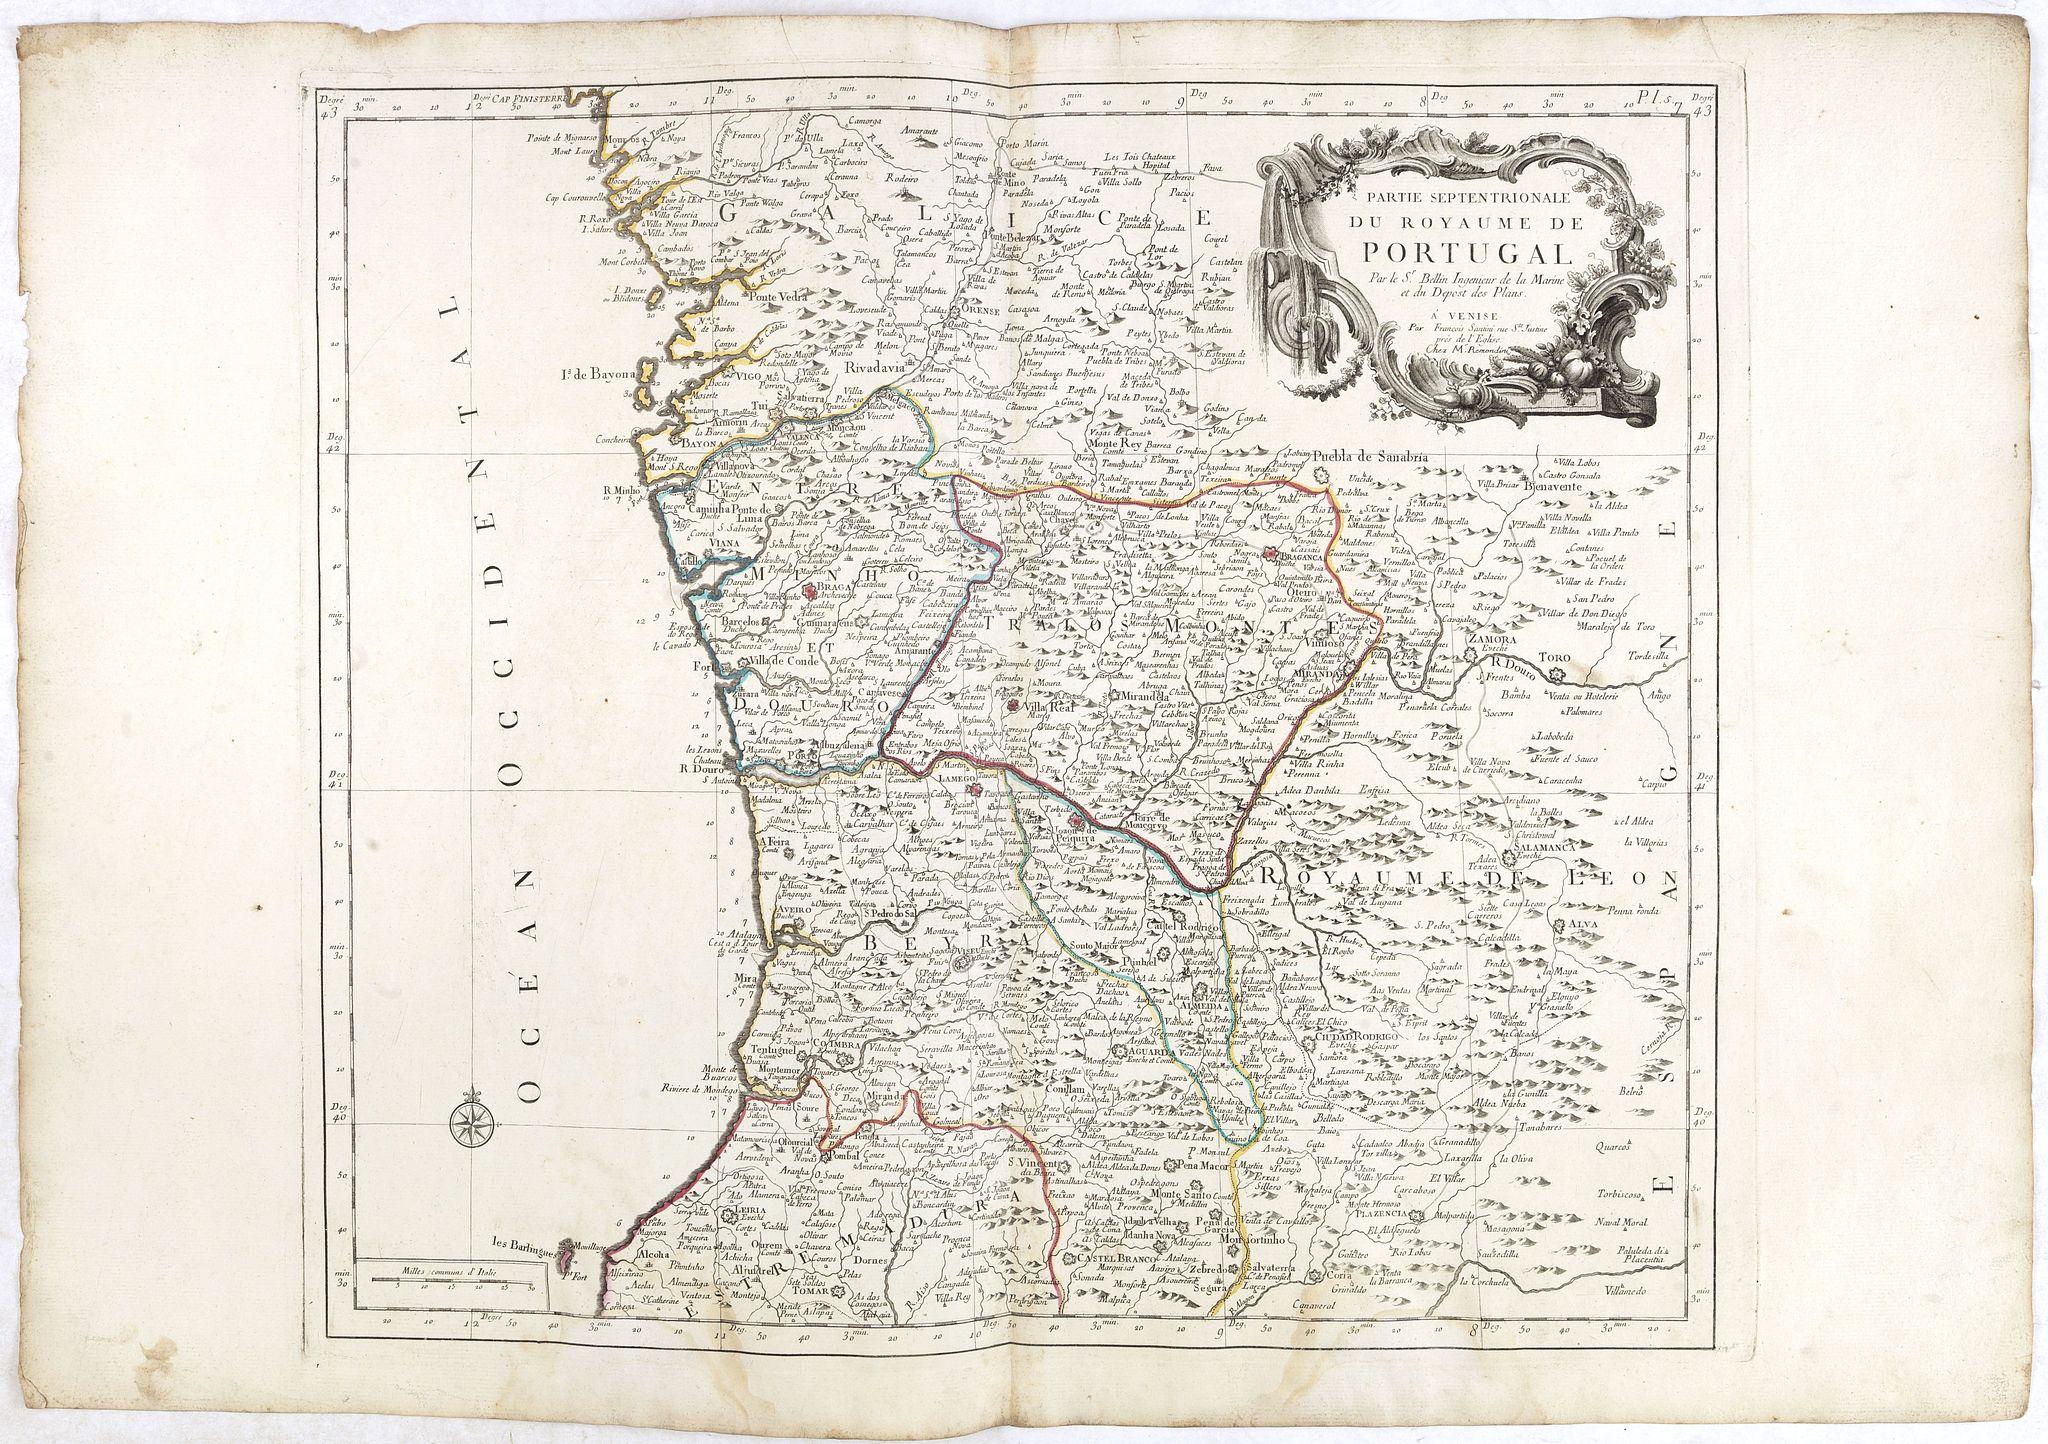 SANTINI, P. / REMONDINI, M. -  Partie Septentrionale du Royaume de Portugal. . .